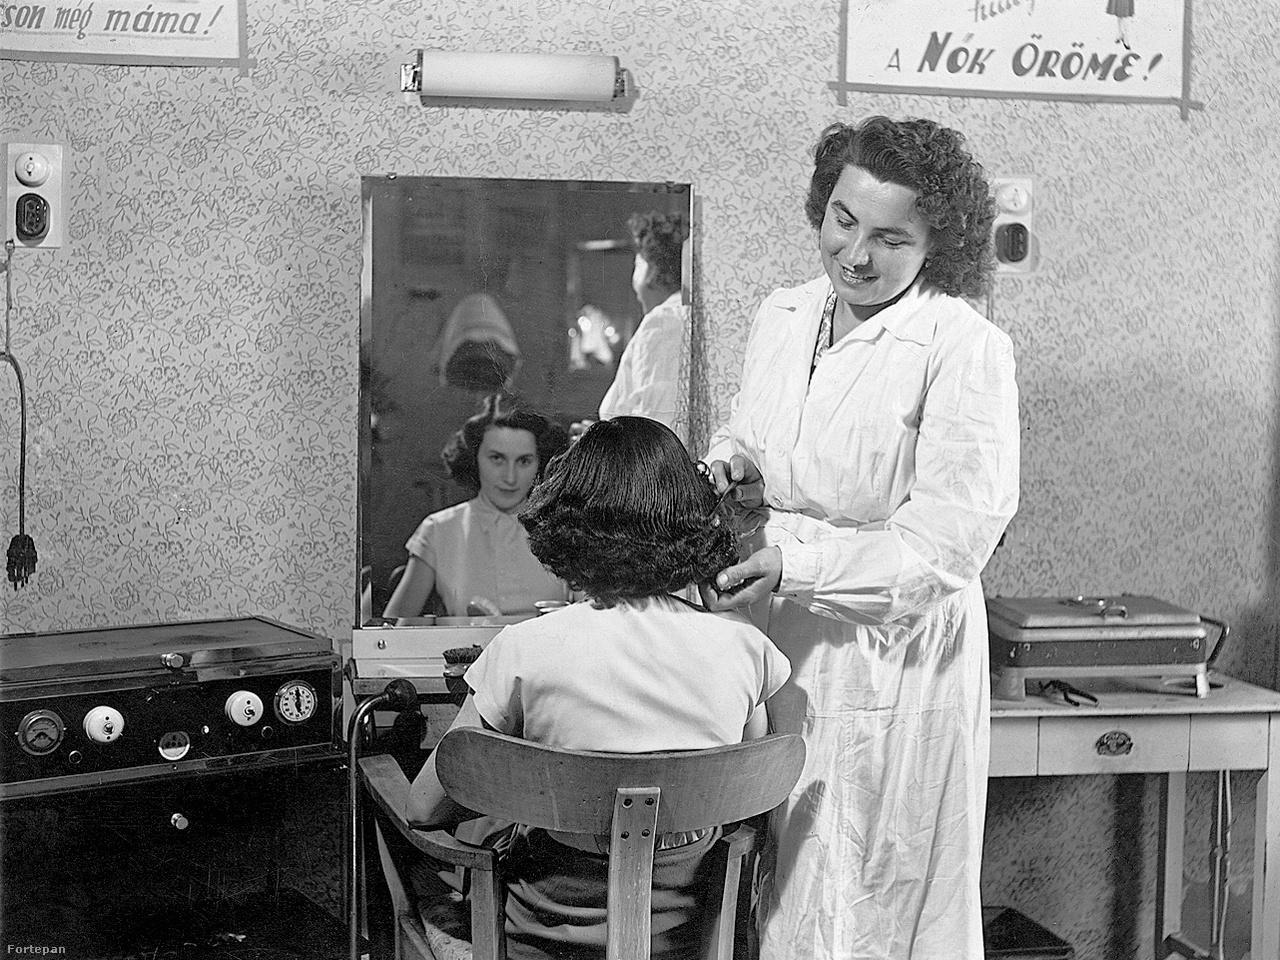 1963-as fodrászat: a nők öröme a jó frizua